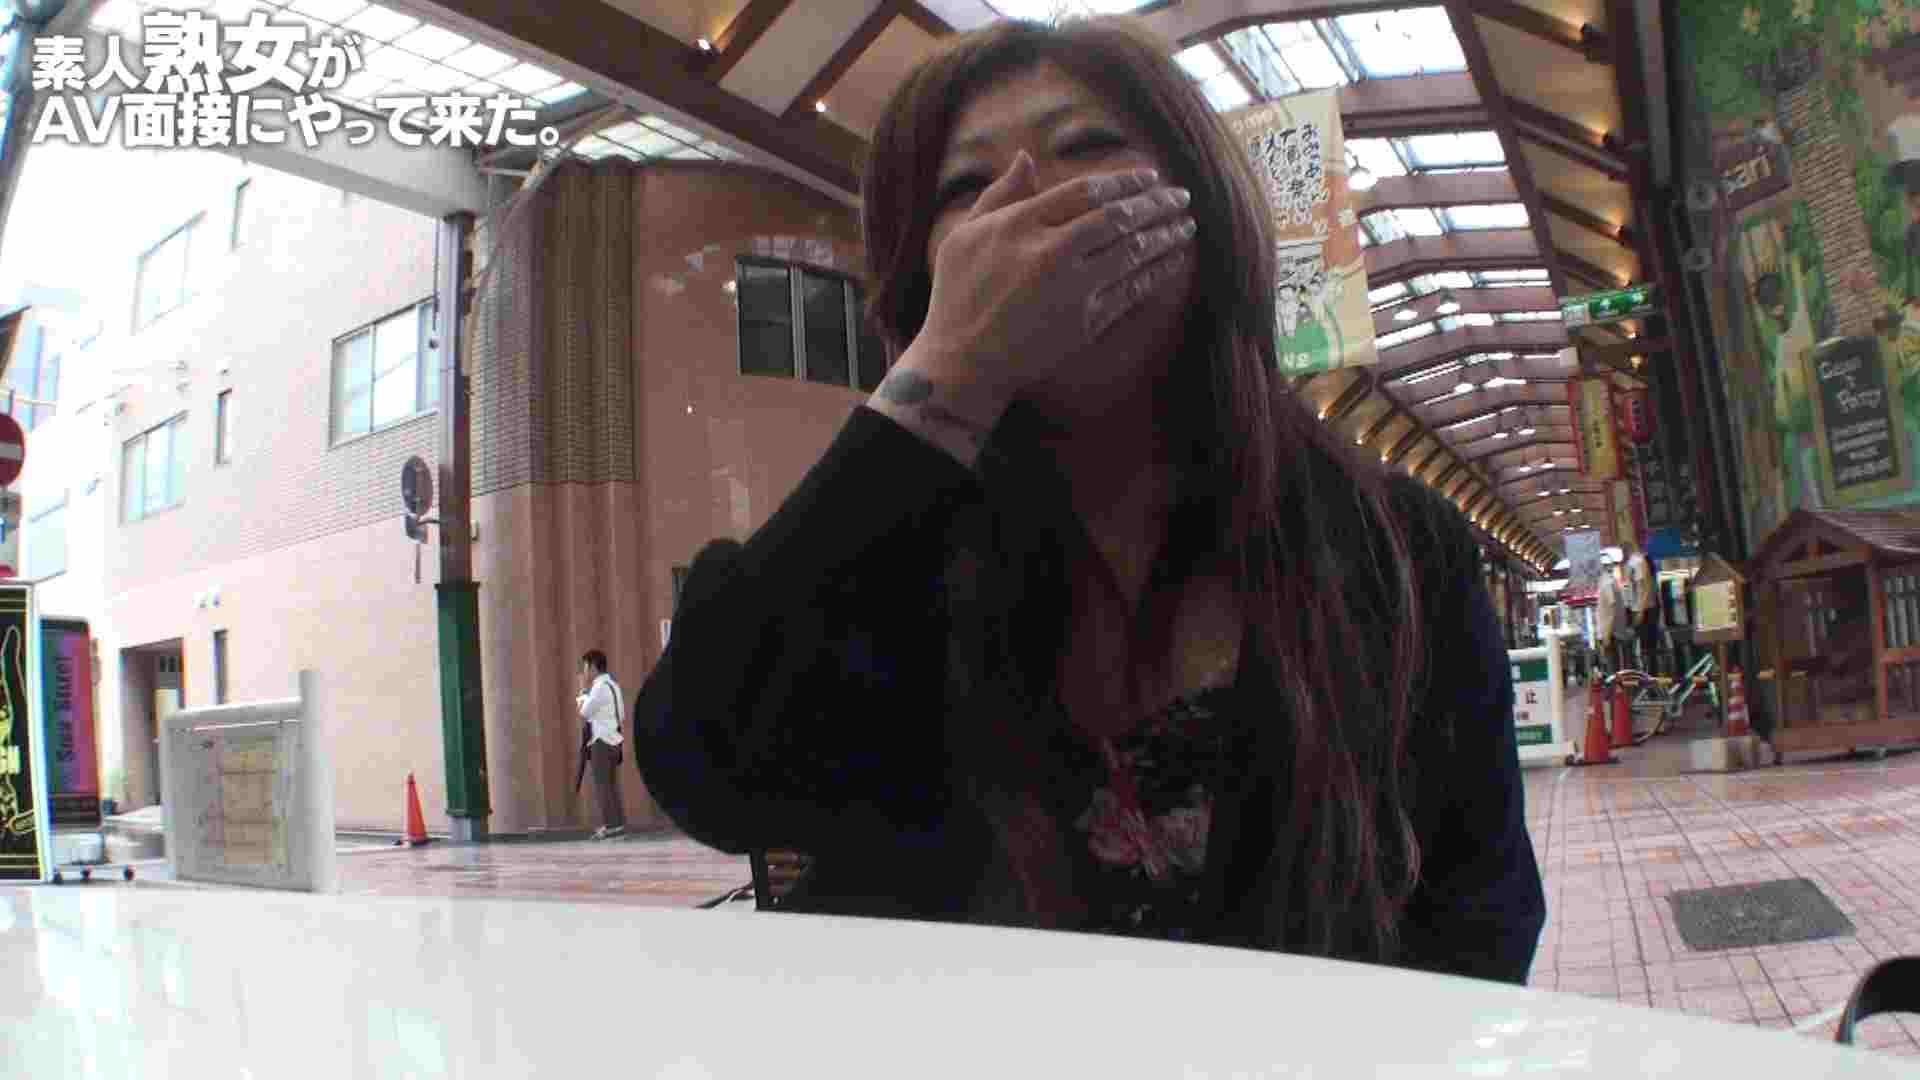 素人熟女がAV面接にやってきた (仮名)ゆかさんVOL.01 熟女 のぞき動画画像 71pic 48